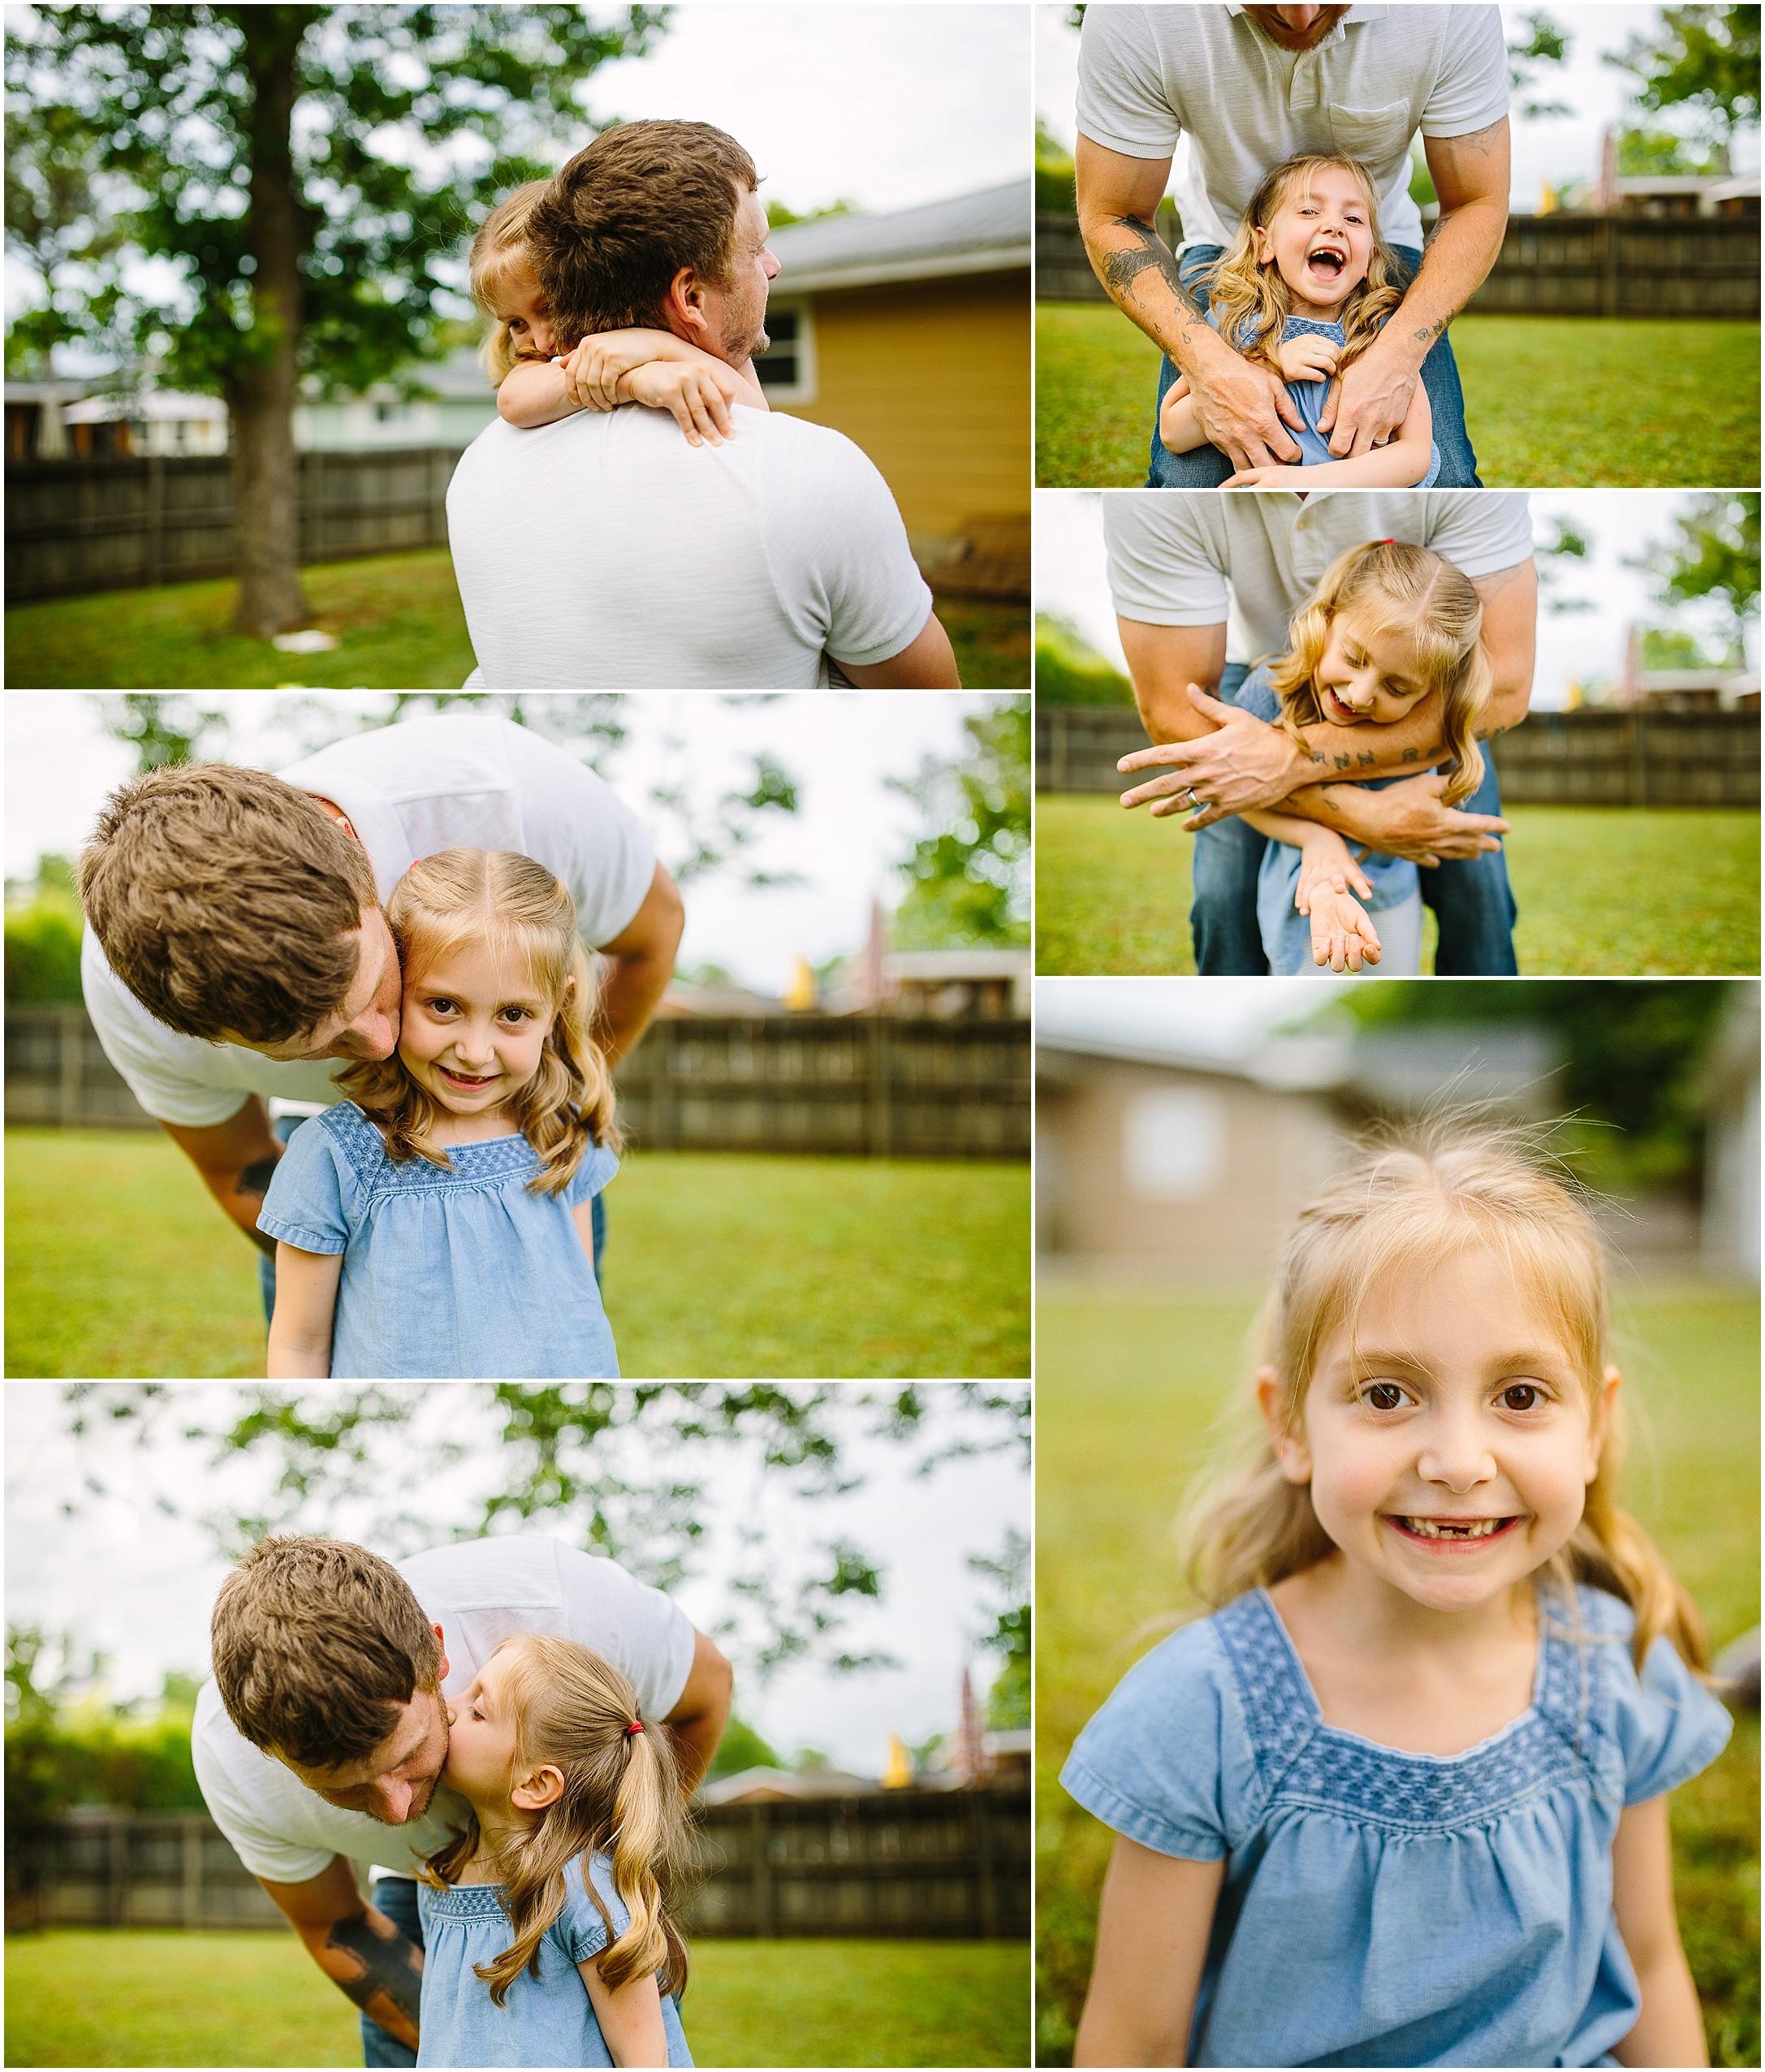 Chattanooga documentary style family photography; Emily Lapish_0035